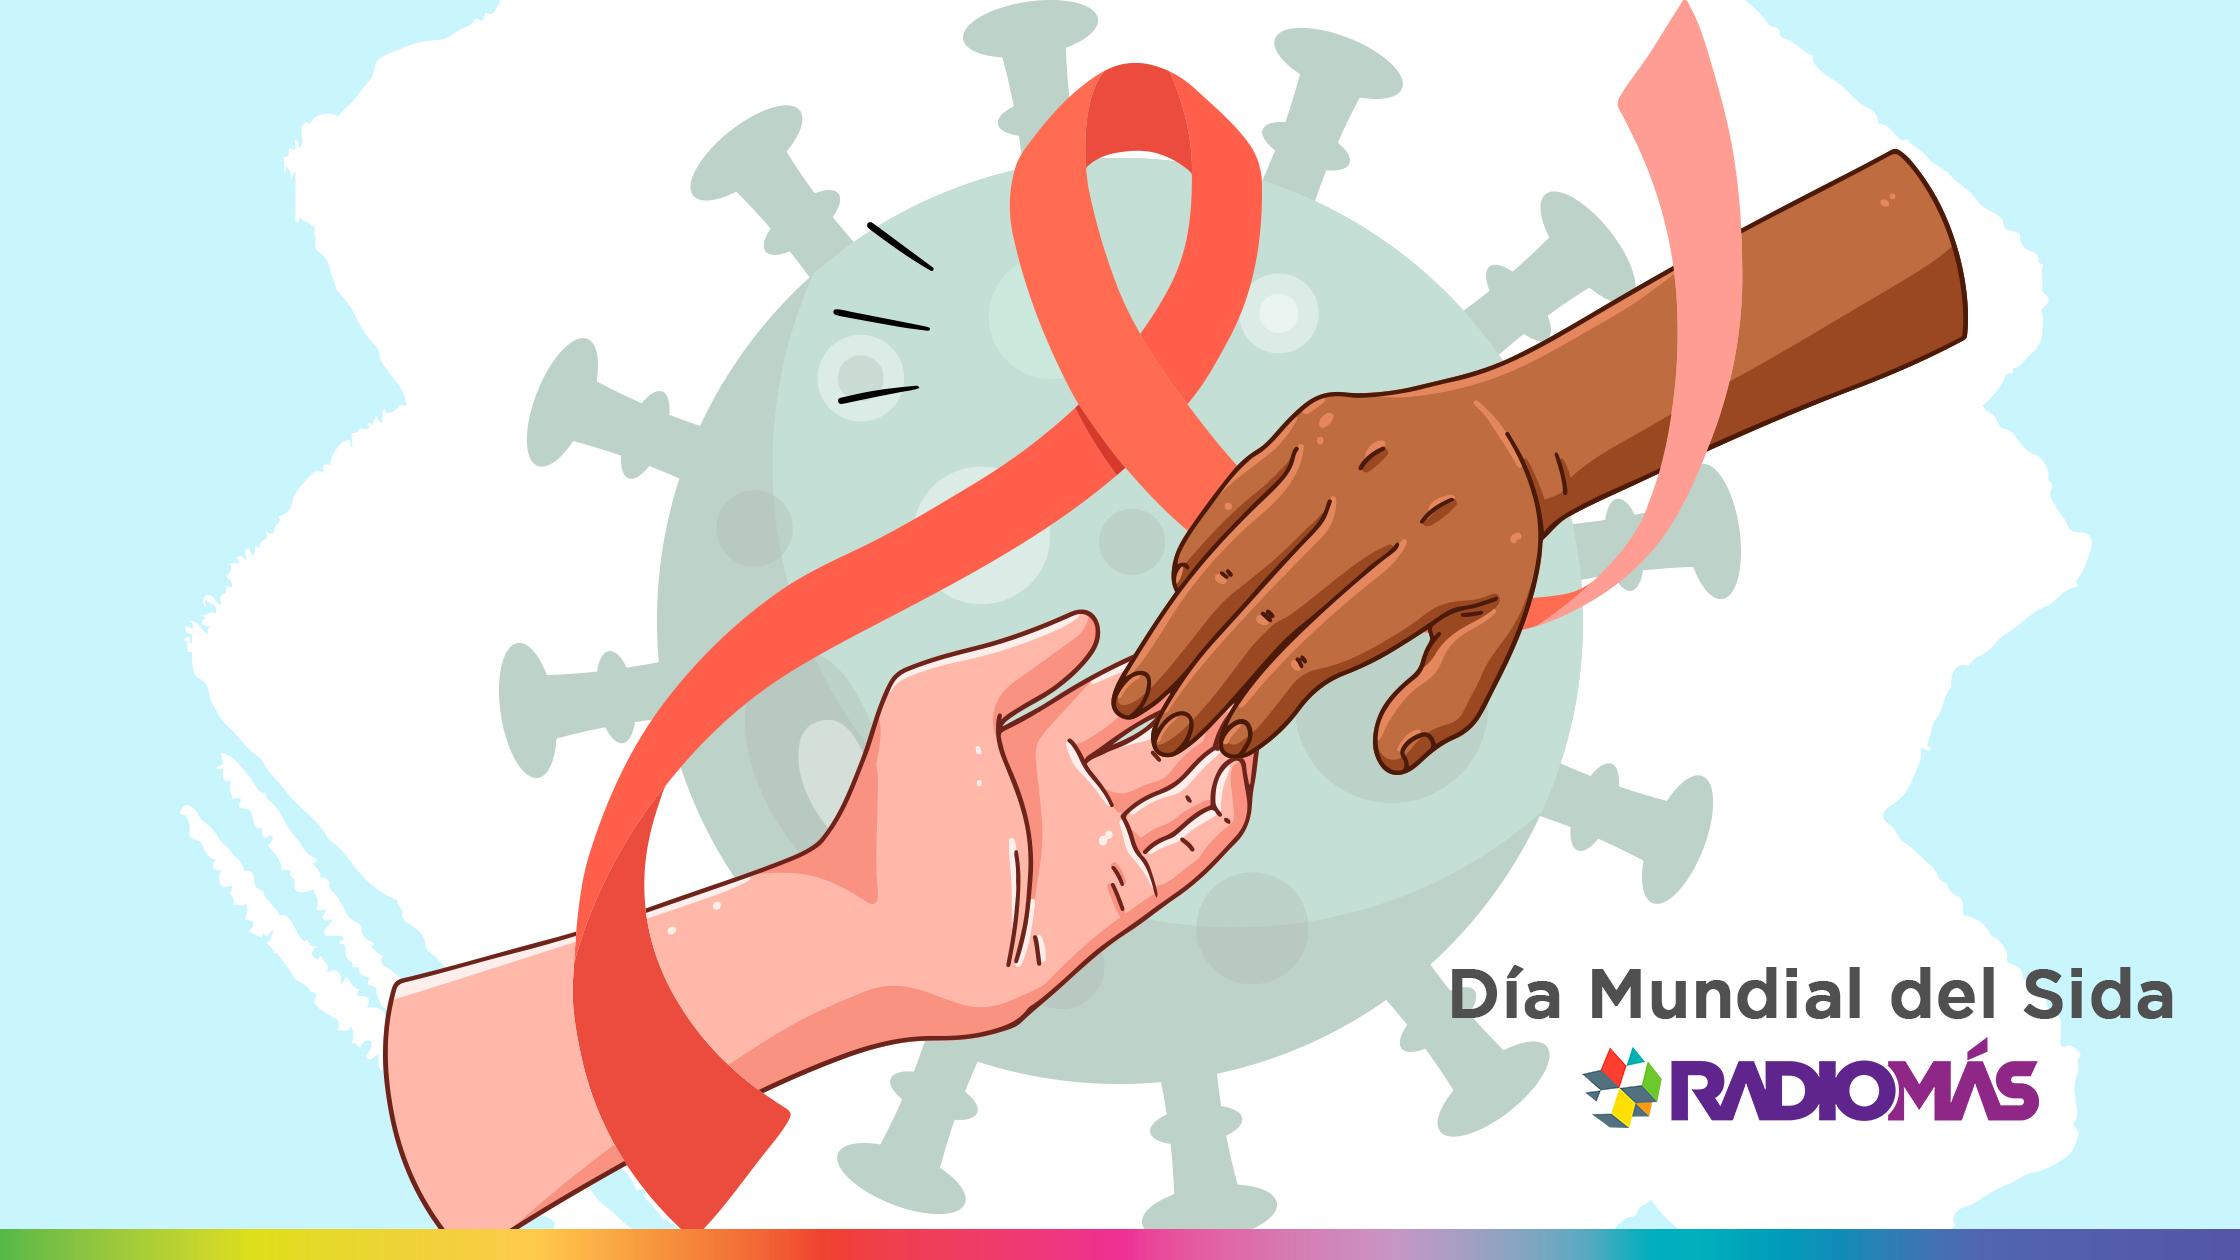 Las desigualdades cuestan vidas. Del sida a la COVID-19